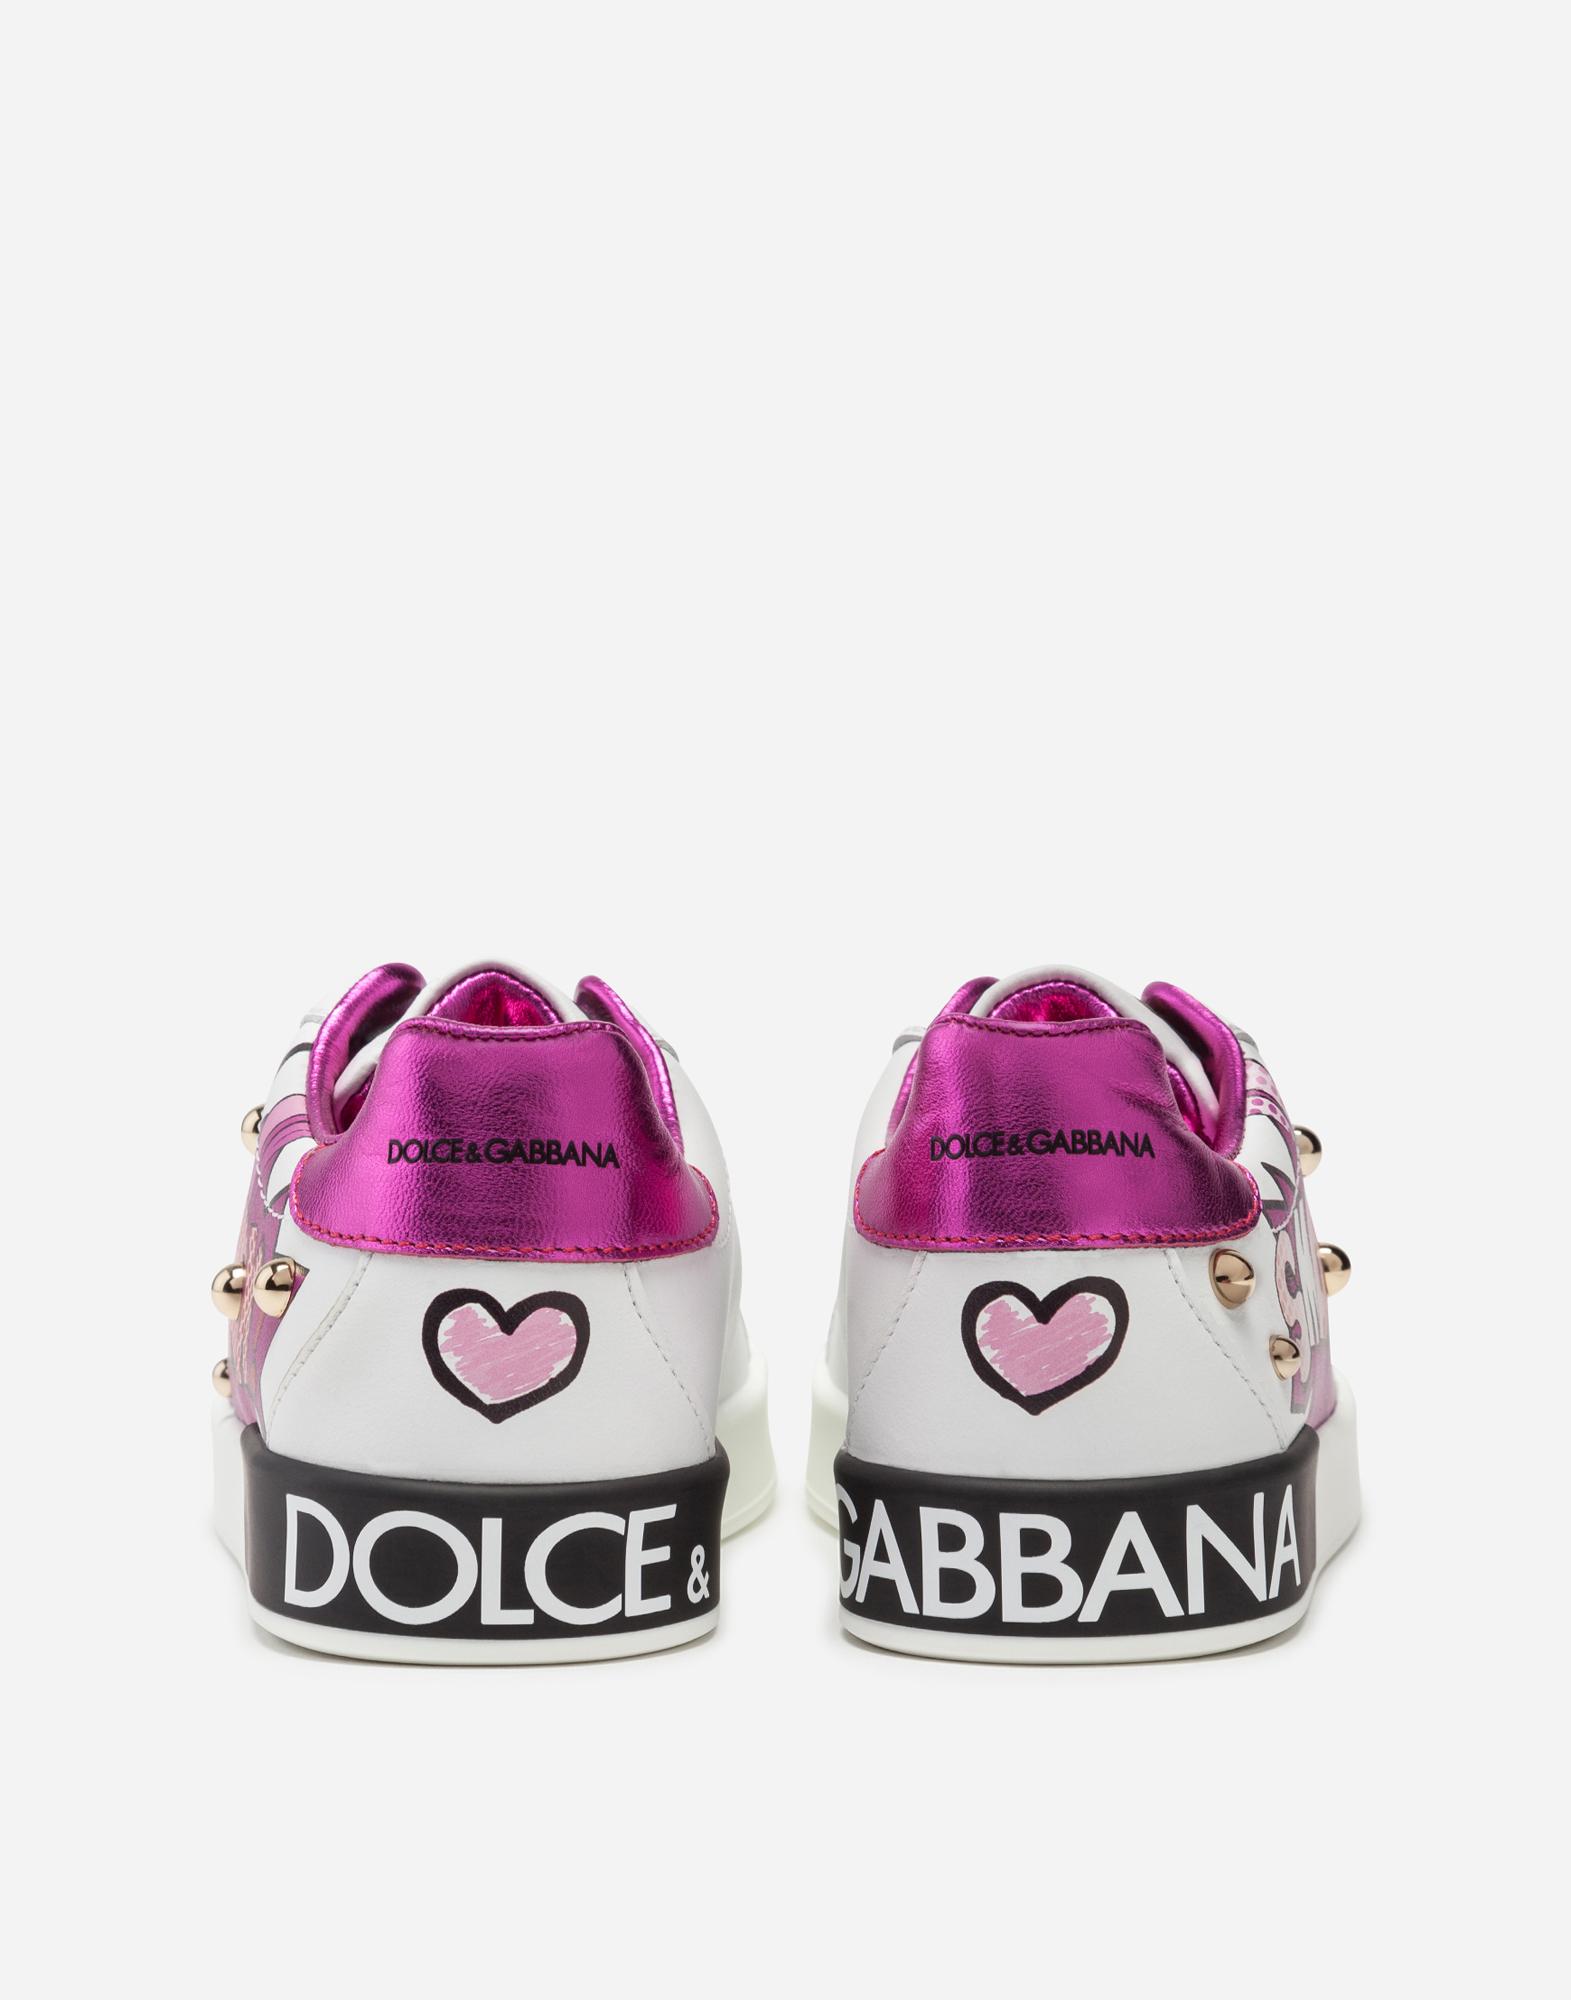 Dolce & Gabbana PORTOFINO SNEAKERS IN PRINTED NAPPA